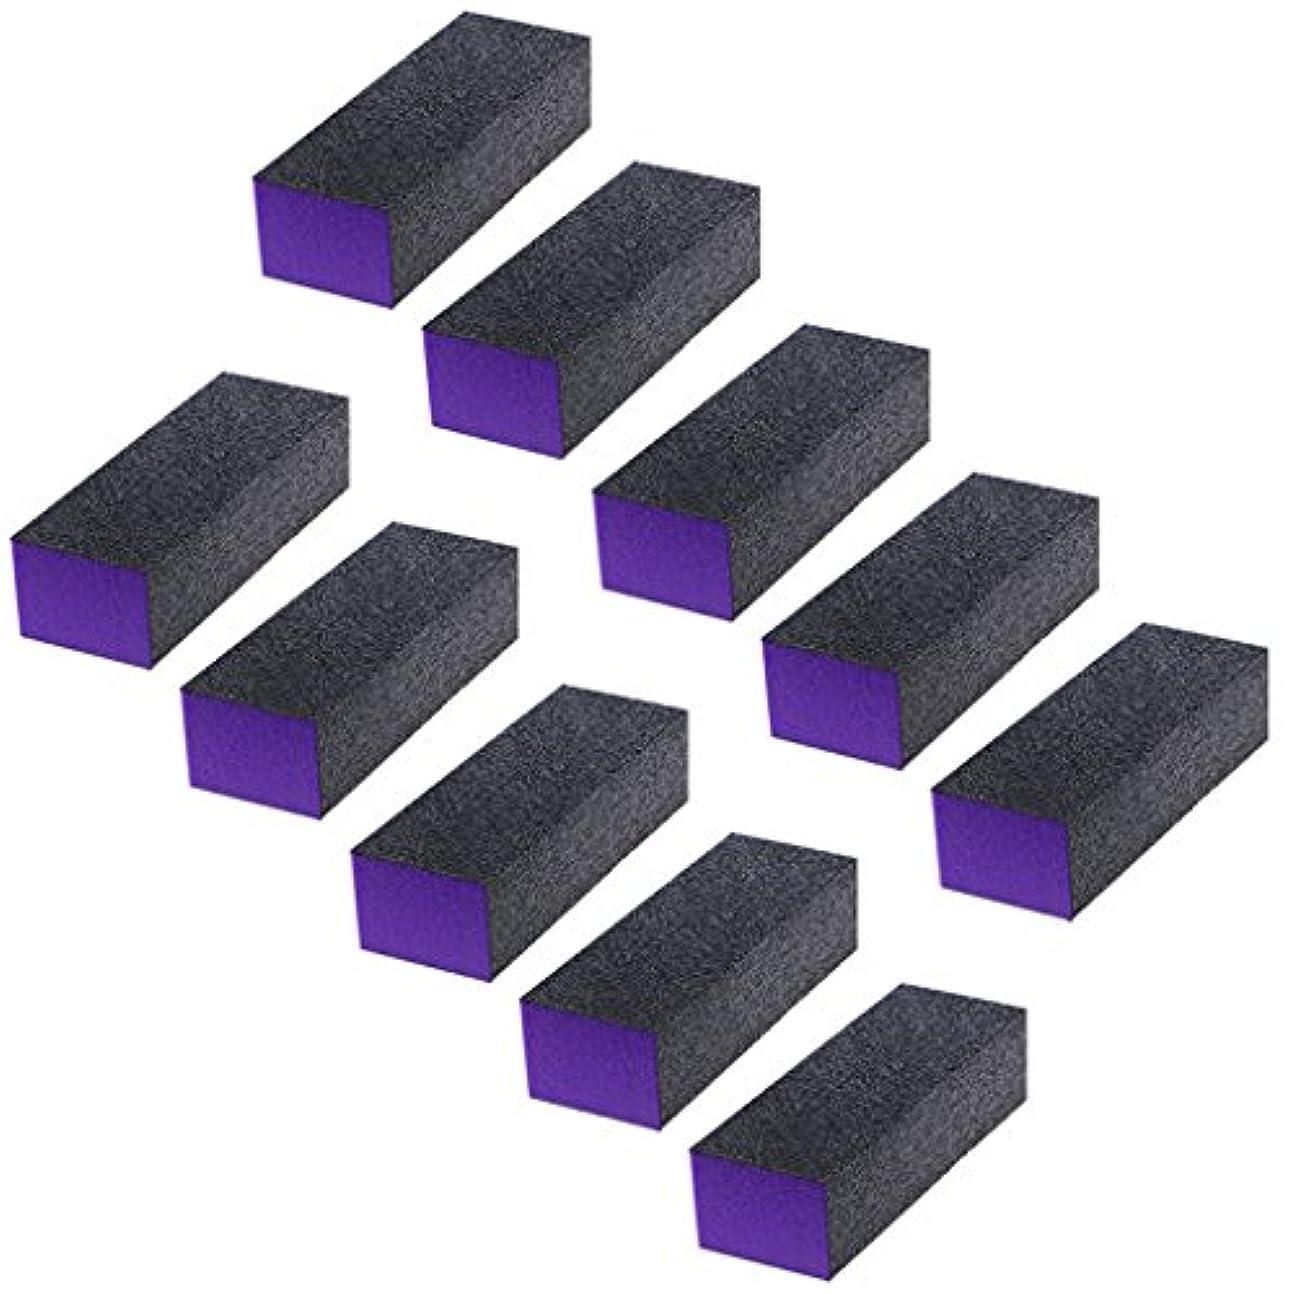 ジャッキー黒紫豆腐ブロック10個ピース黒紫バッファーバフ研磨サンディングブロックファイルグリットネイルアートツールセット